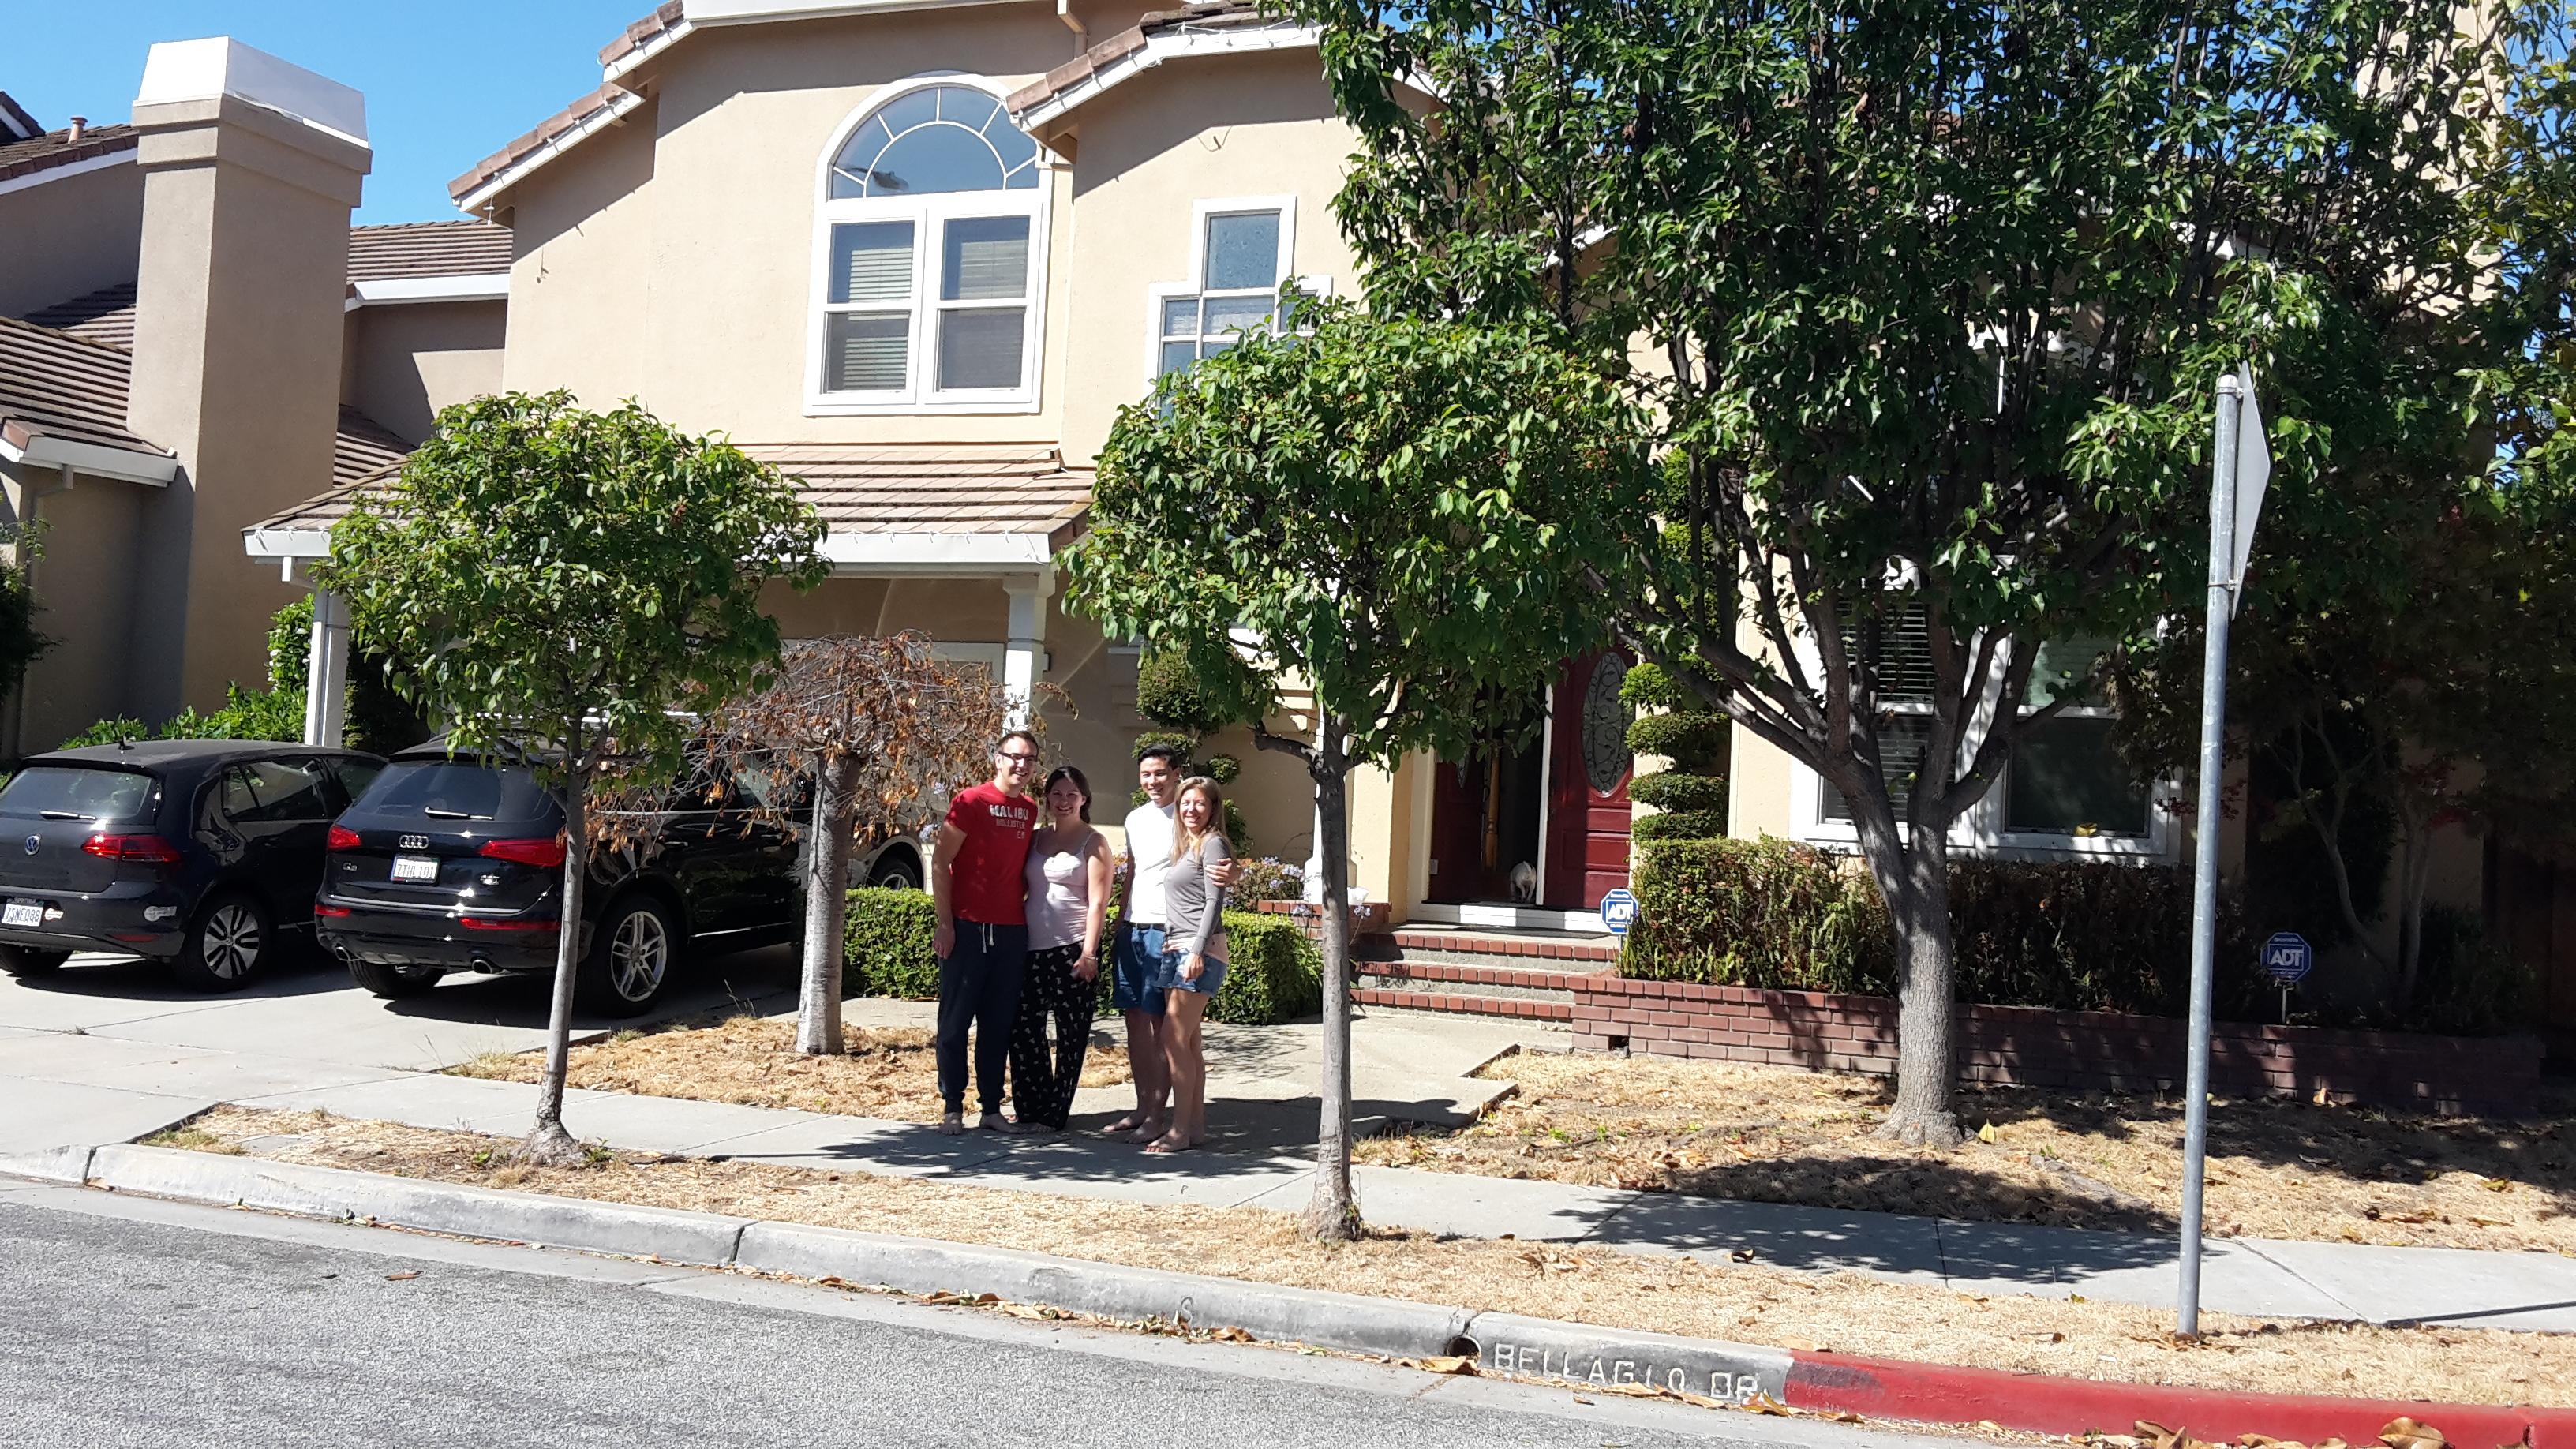 Kiki & Matthias gemeinsam mit Cat & Tom vor ihrem schönen Haus